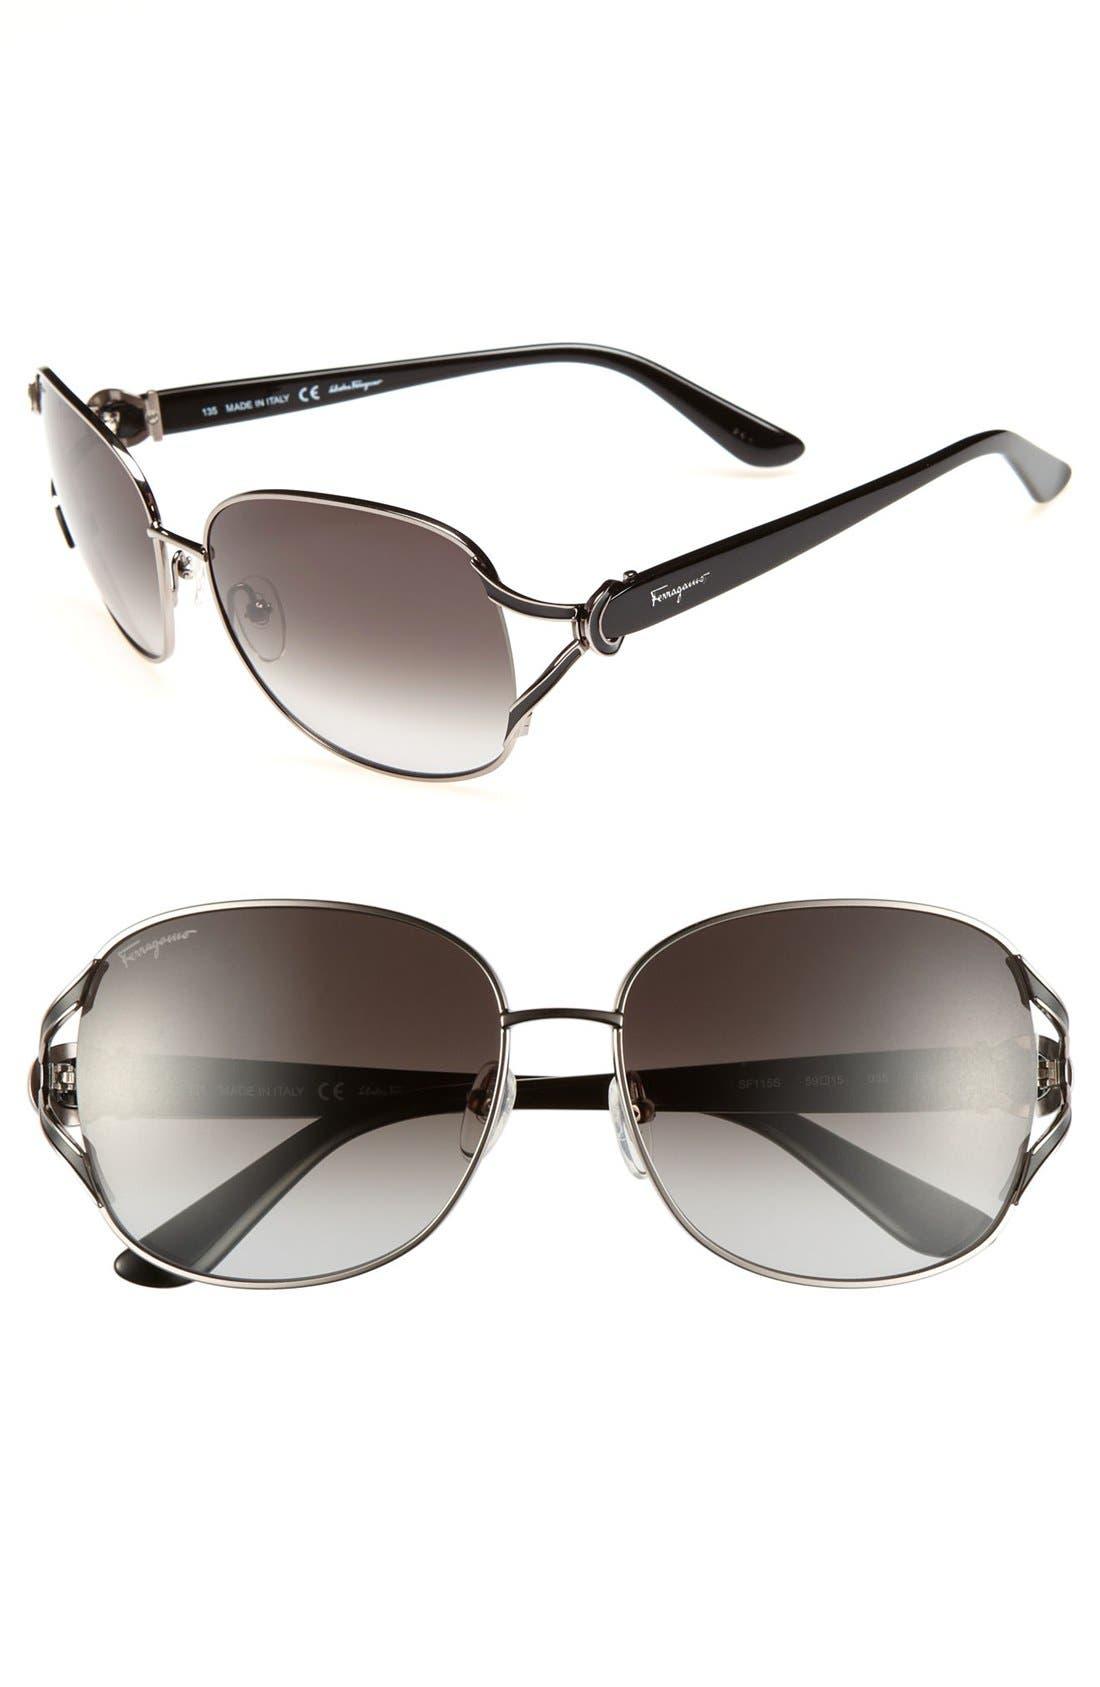 Main Image - Salvatore Ferragamo 59mm Metal Sunglasses